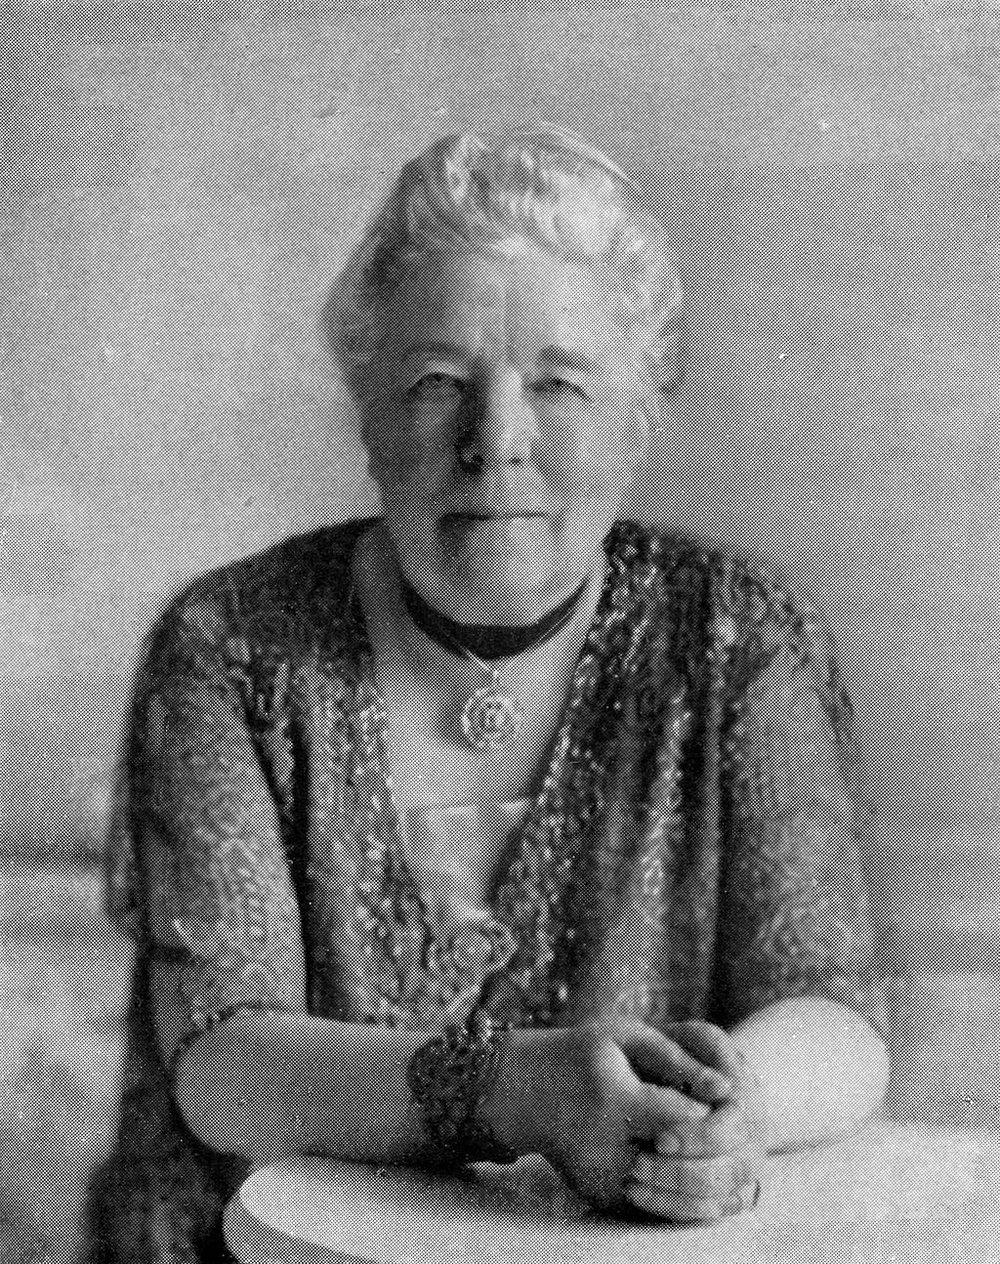 Selma Lagerlöf på 70-årsdagen 1928. Foto,Ferdinand Flodin (1863—1935) [Public domain], via Wikimedia Commons.